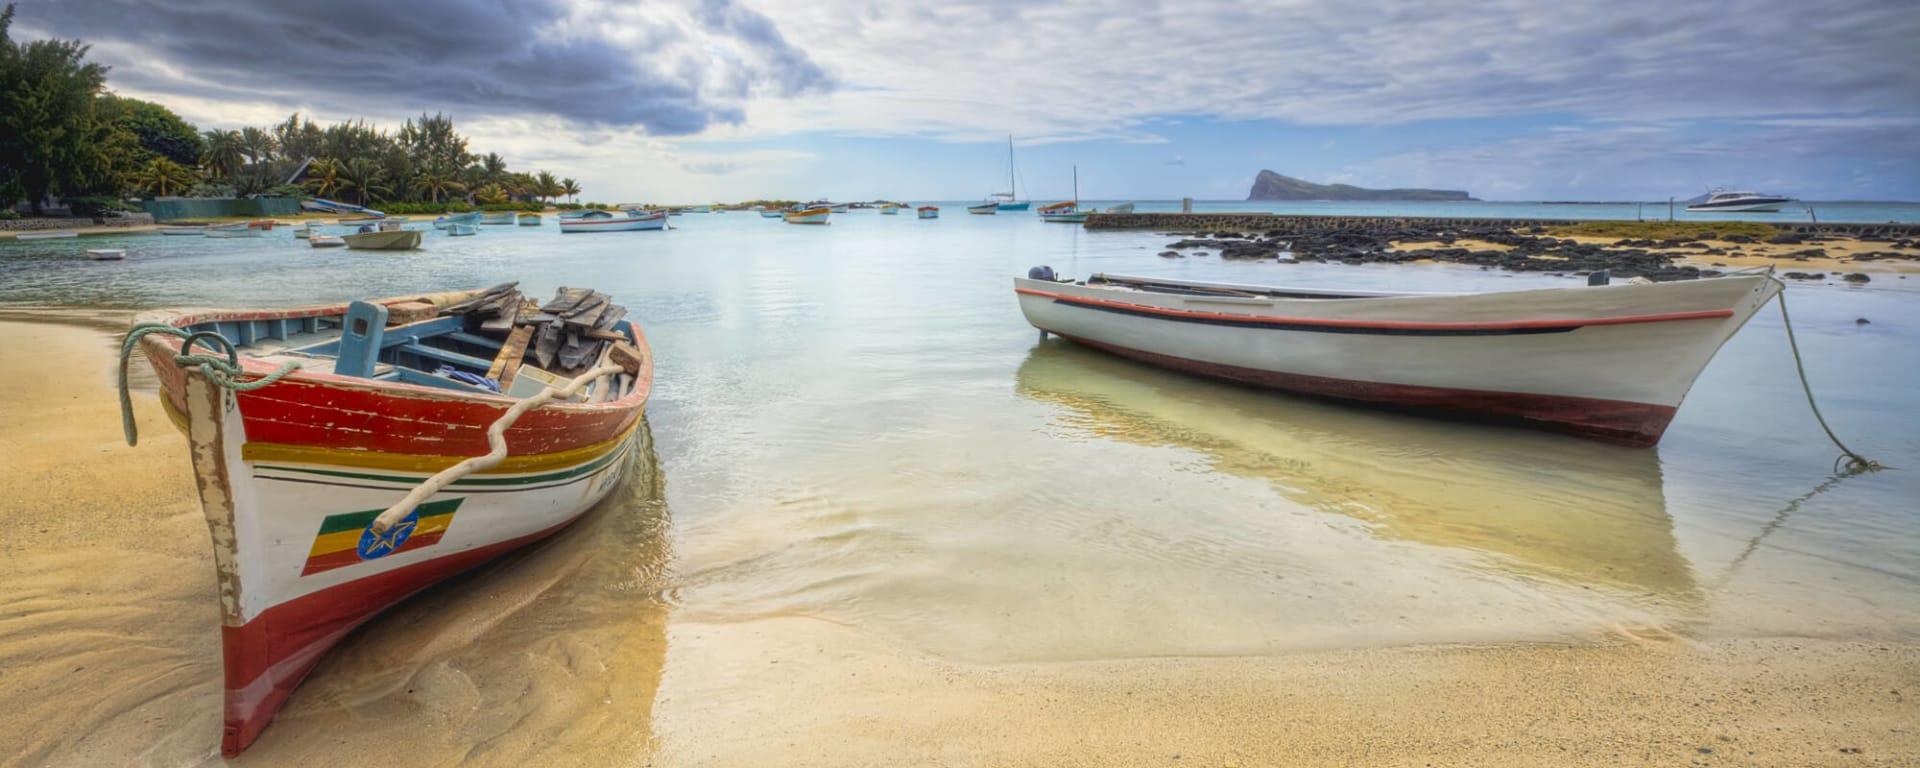 Mauritius entdecken mit Tischler Reisen: Mauritius Strand Boote